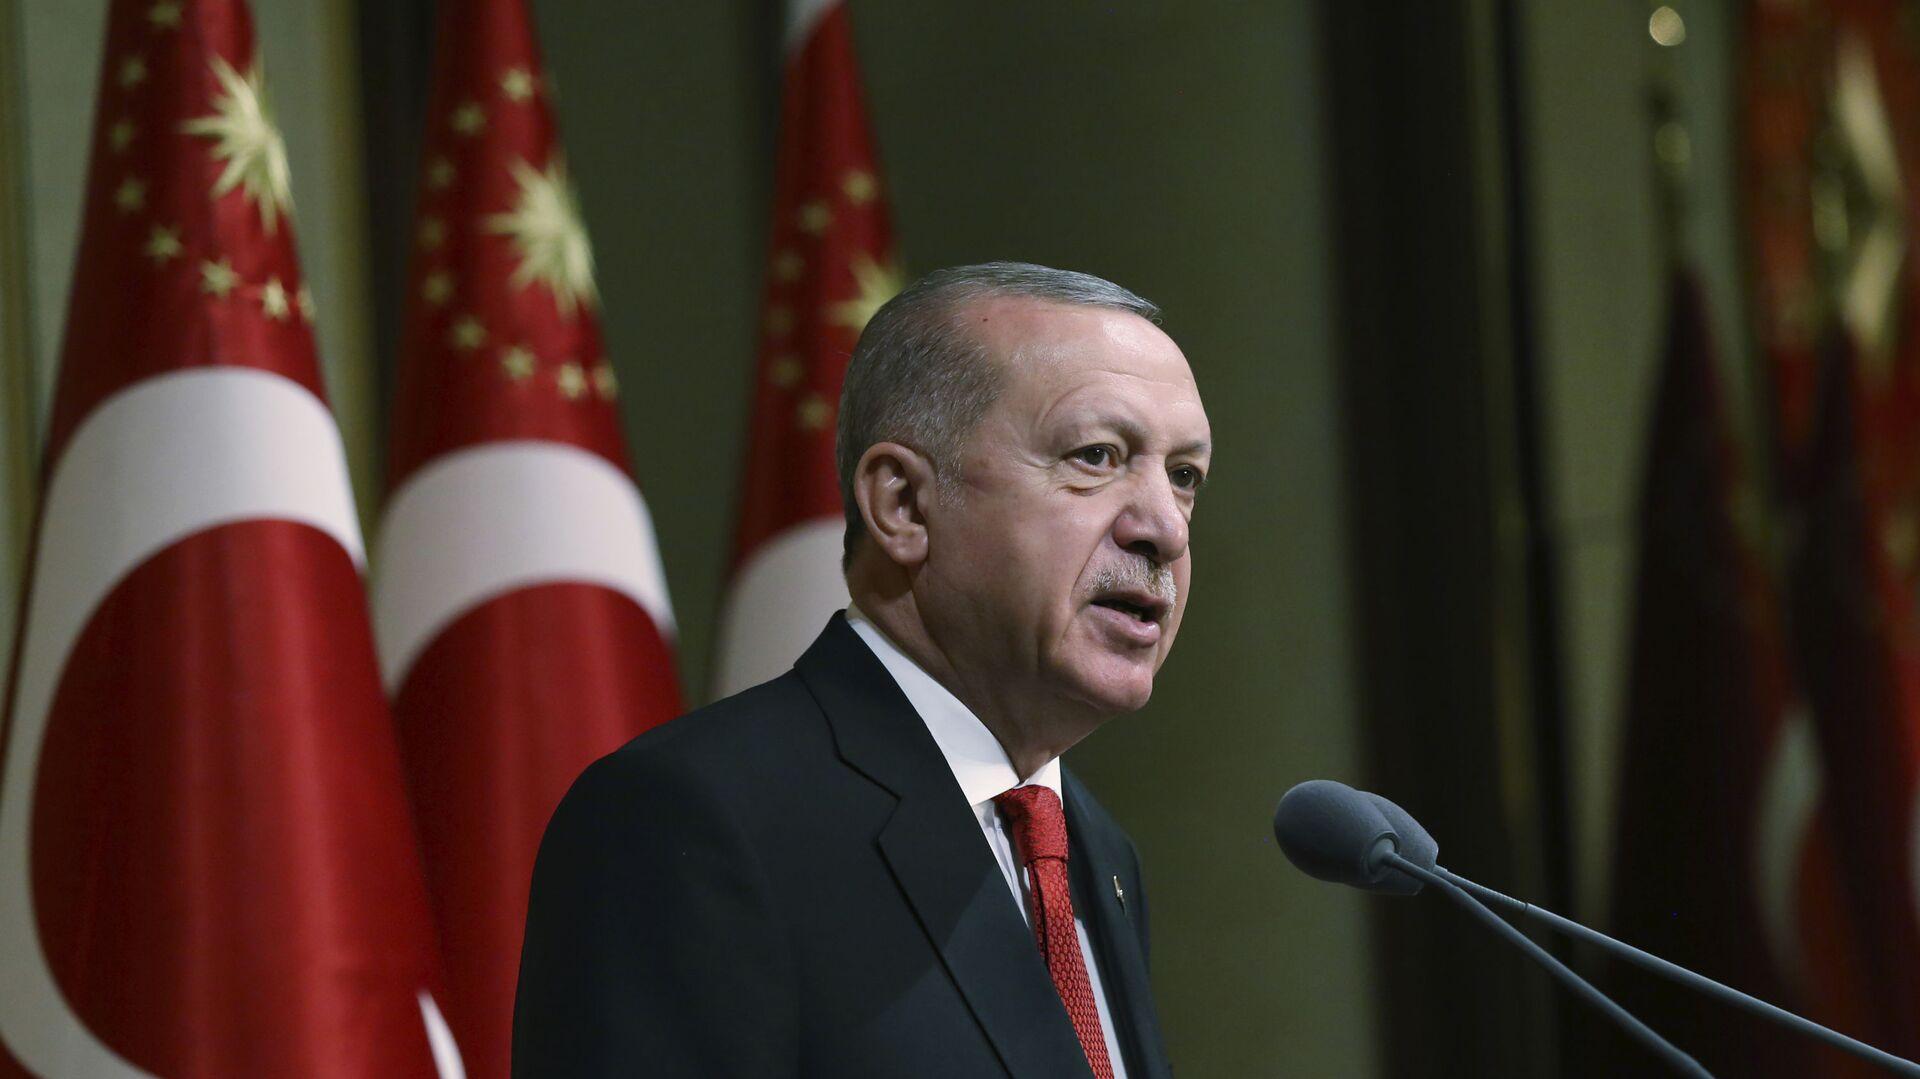 Tổng thống Thổ Nhĩ Kỳ Recep Tayyip Erdogan phát biểu tại dinh thự tổng thống ở Ankara - Sputnik Việt Nam, 1920, 18.05.2021